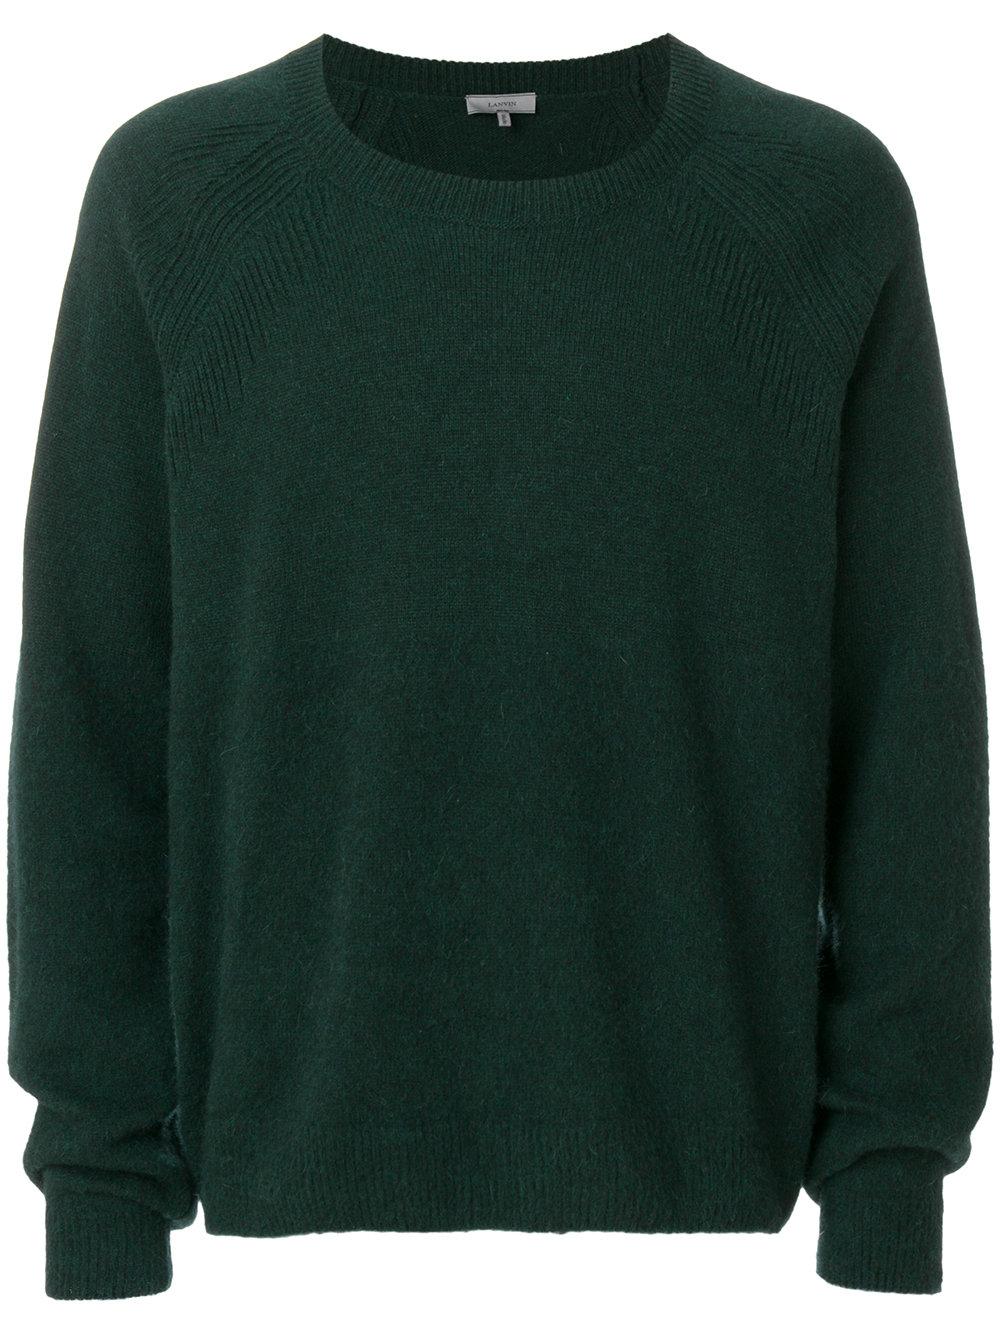 每日穿搭 被嫌弃的格纹衬衫竟然拯救了老气毛衣